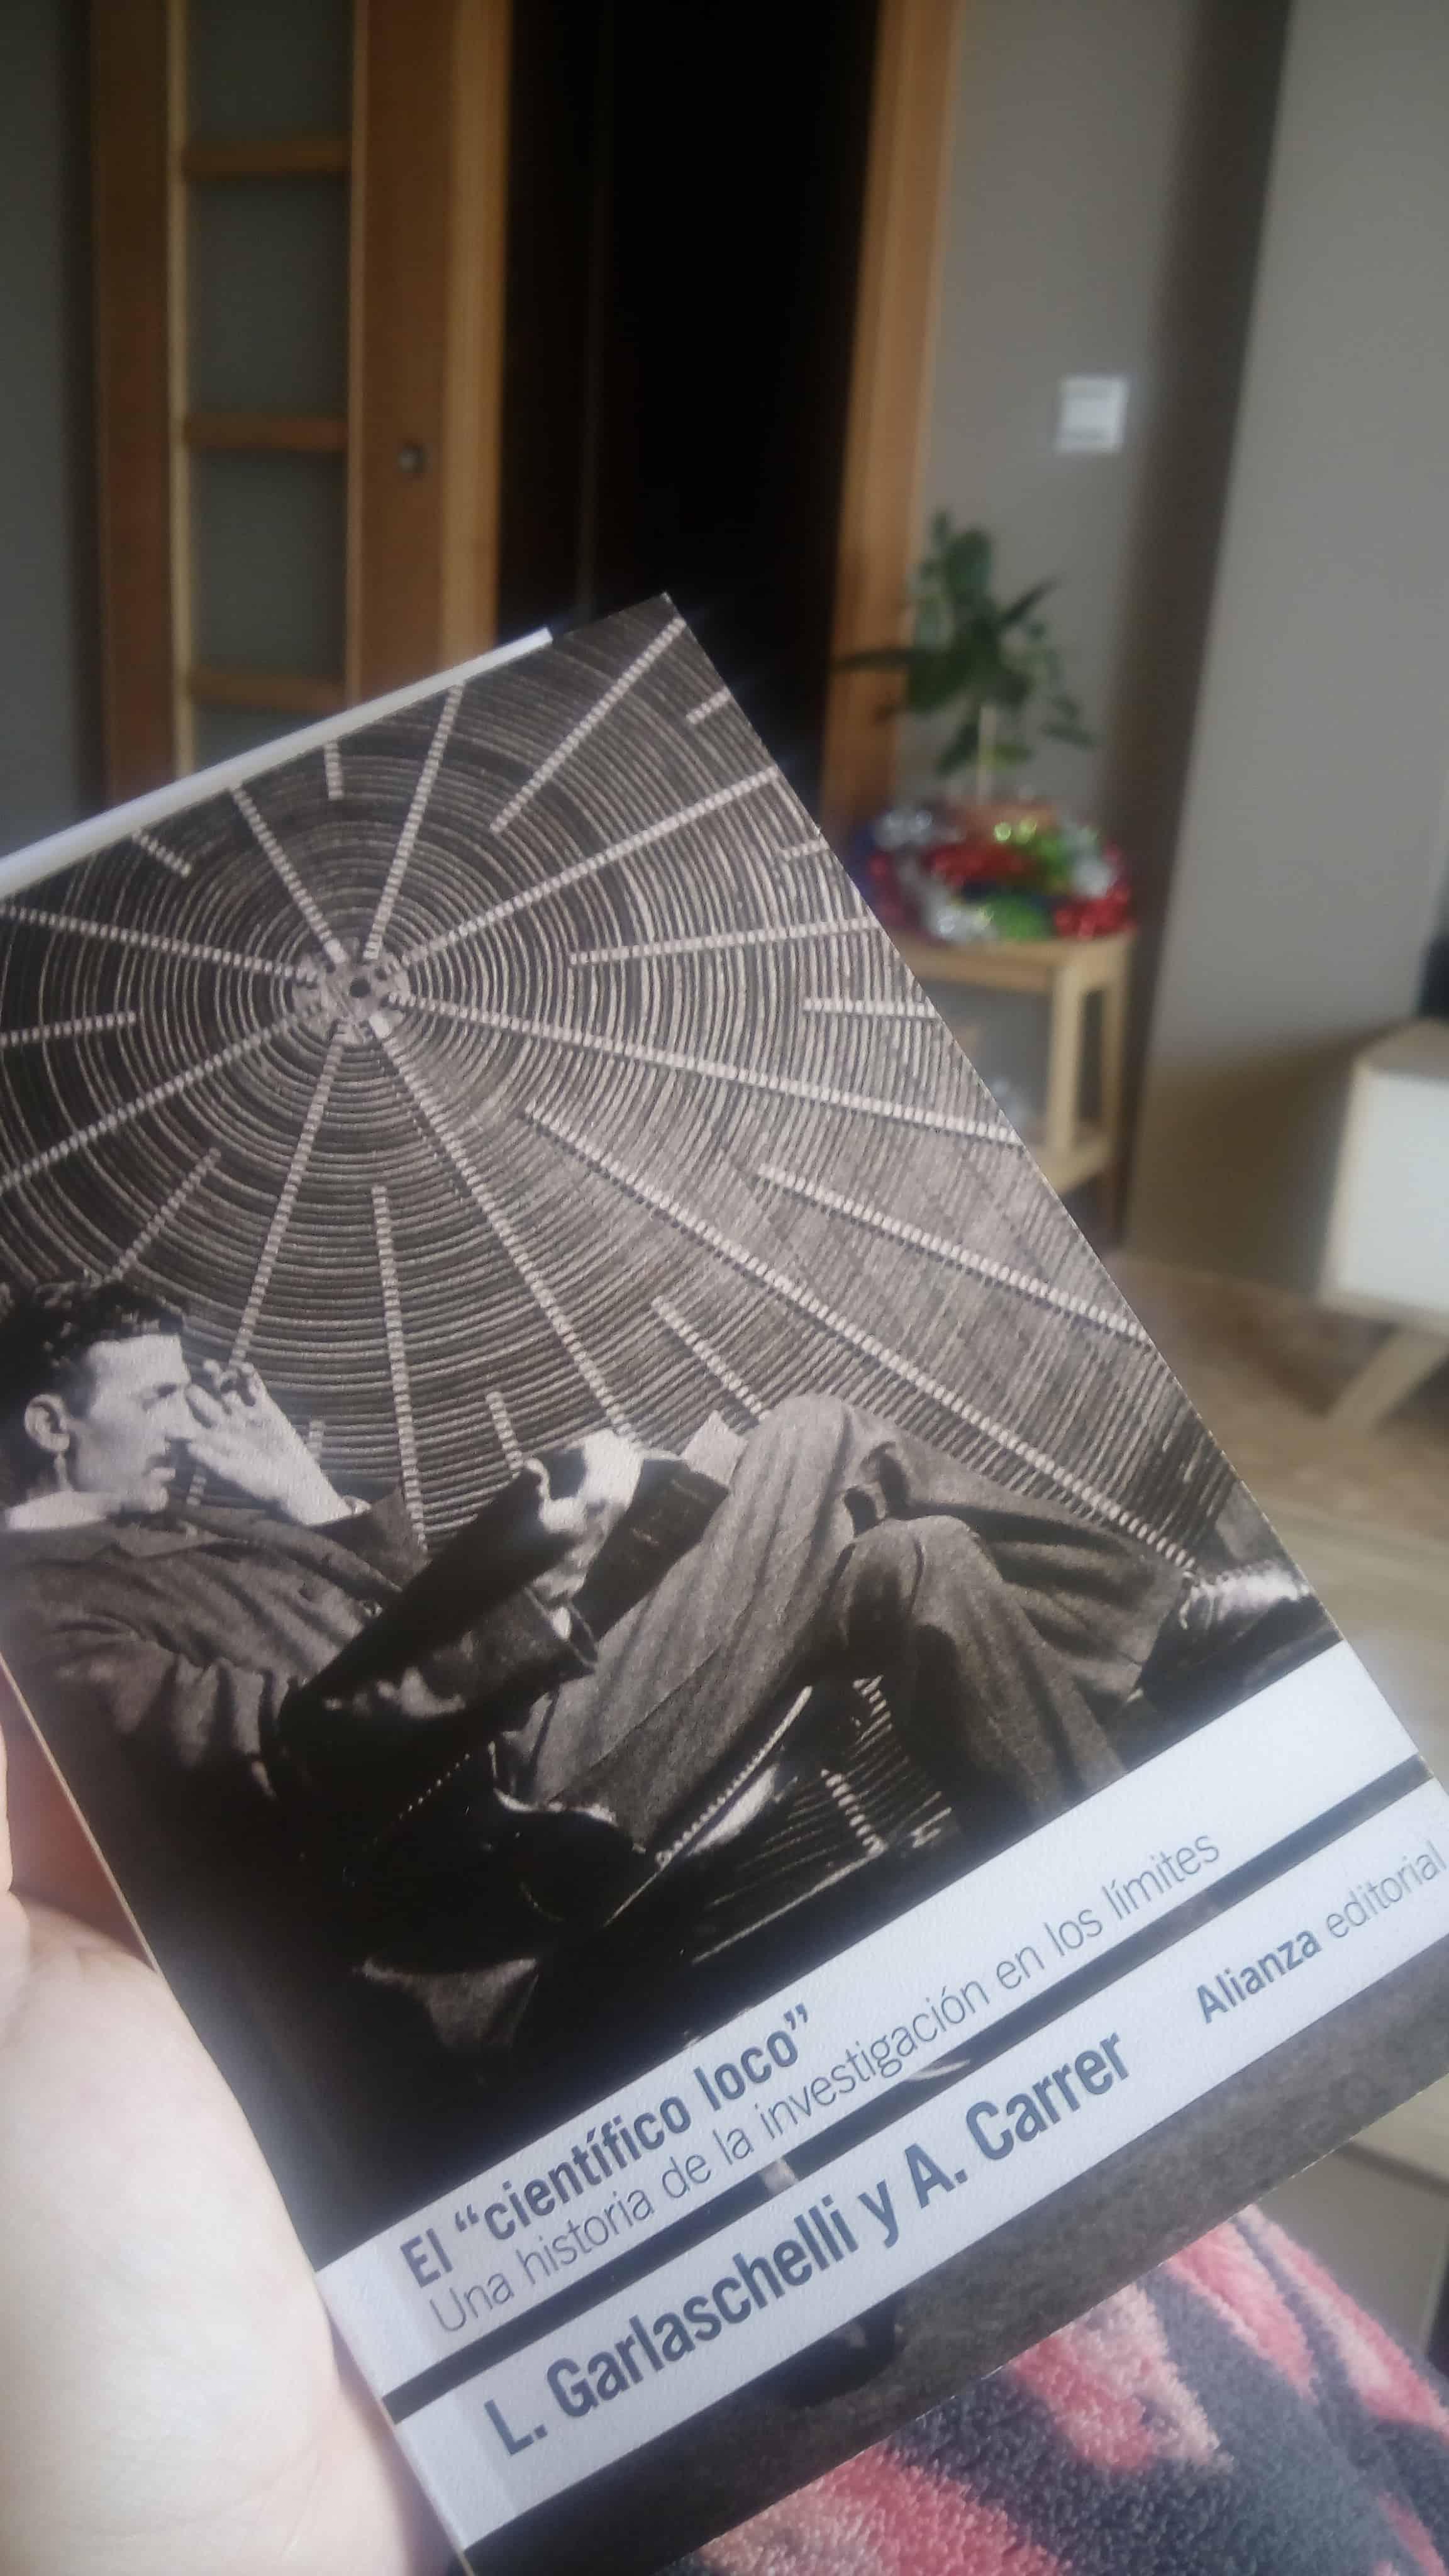 EL «CIENTÍFICO LOCO», de L.Garlaschelli y A. Carrer.